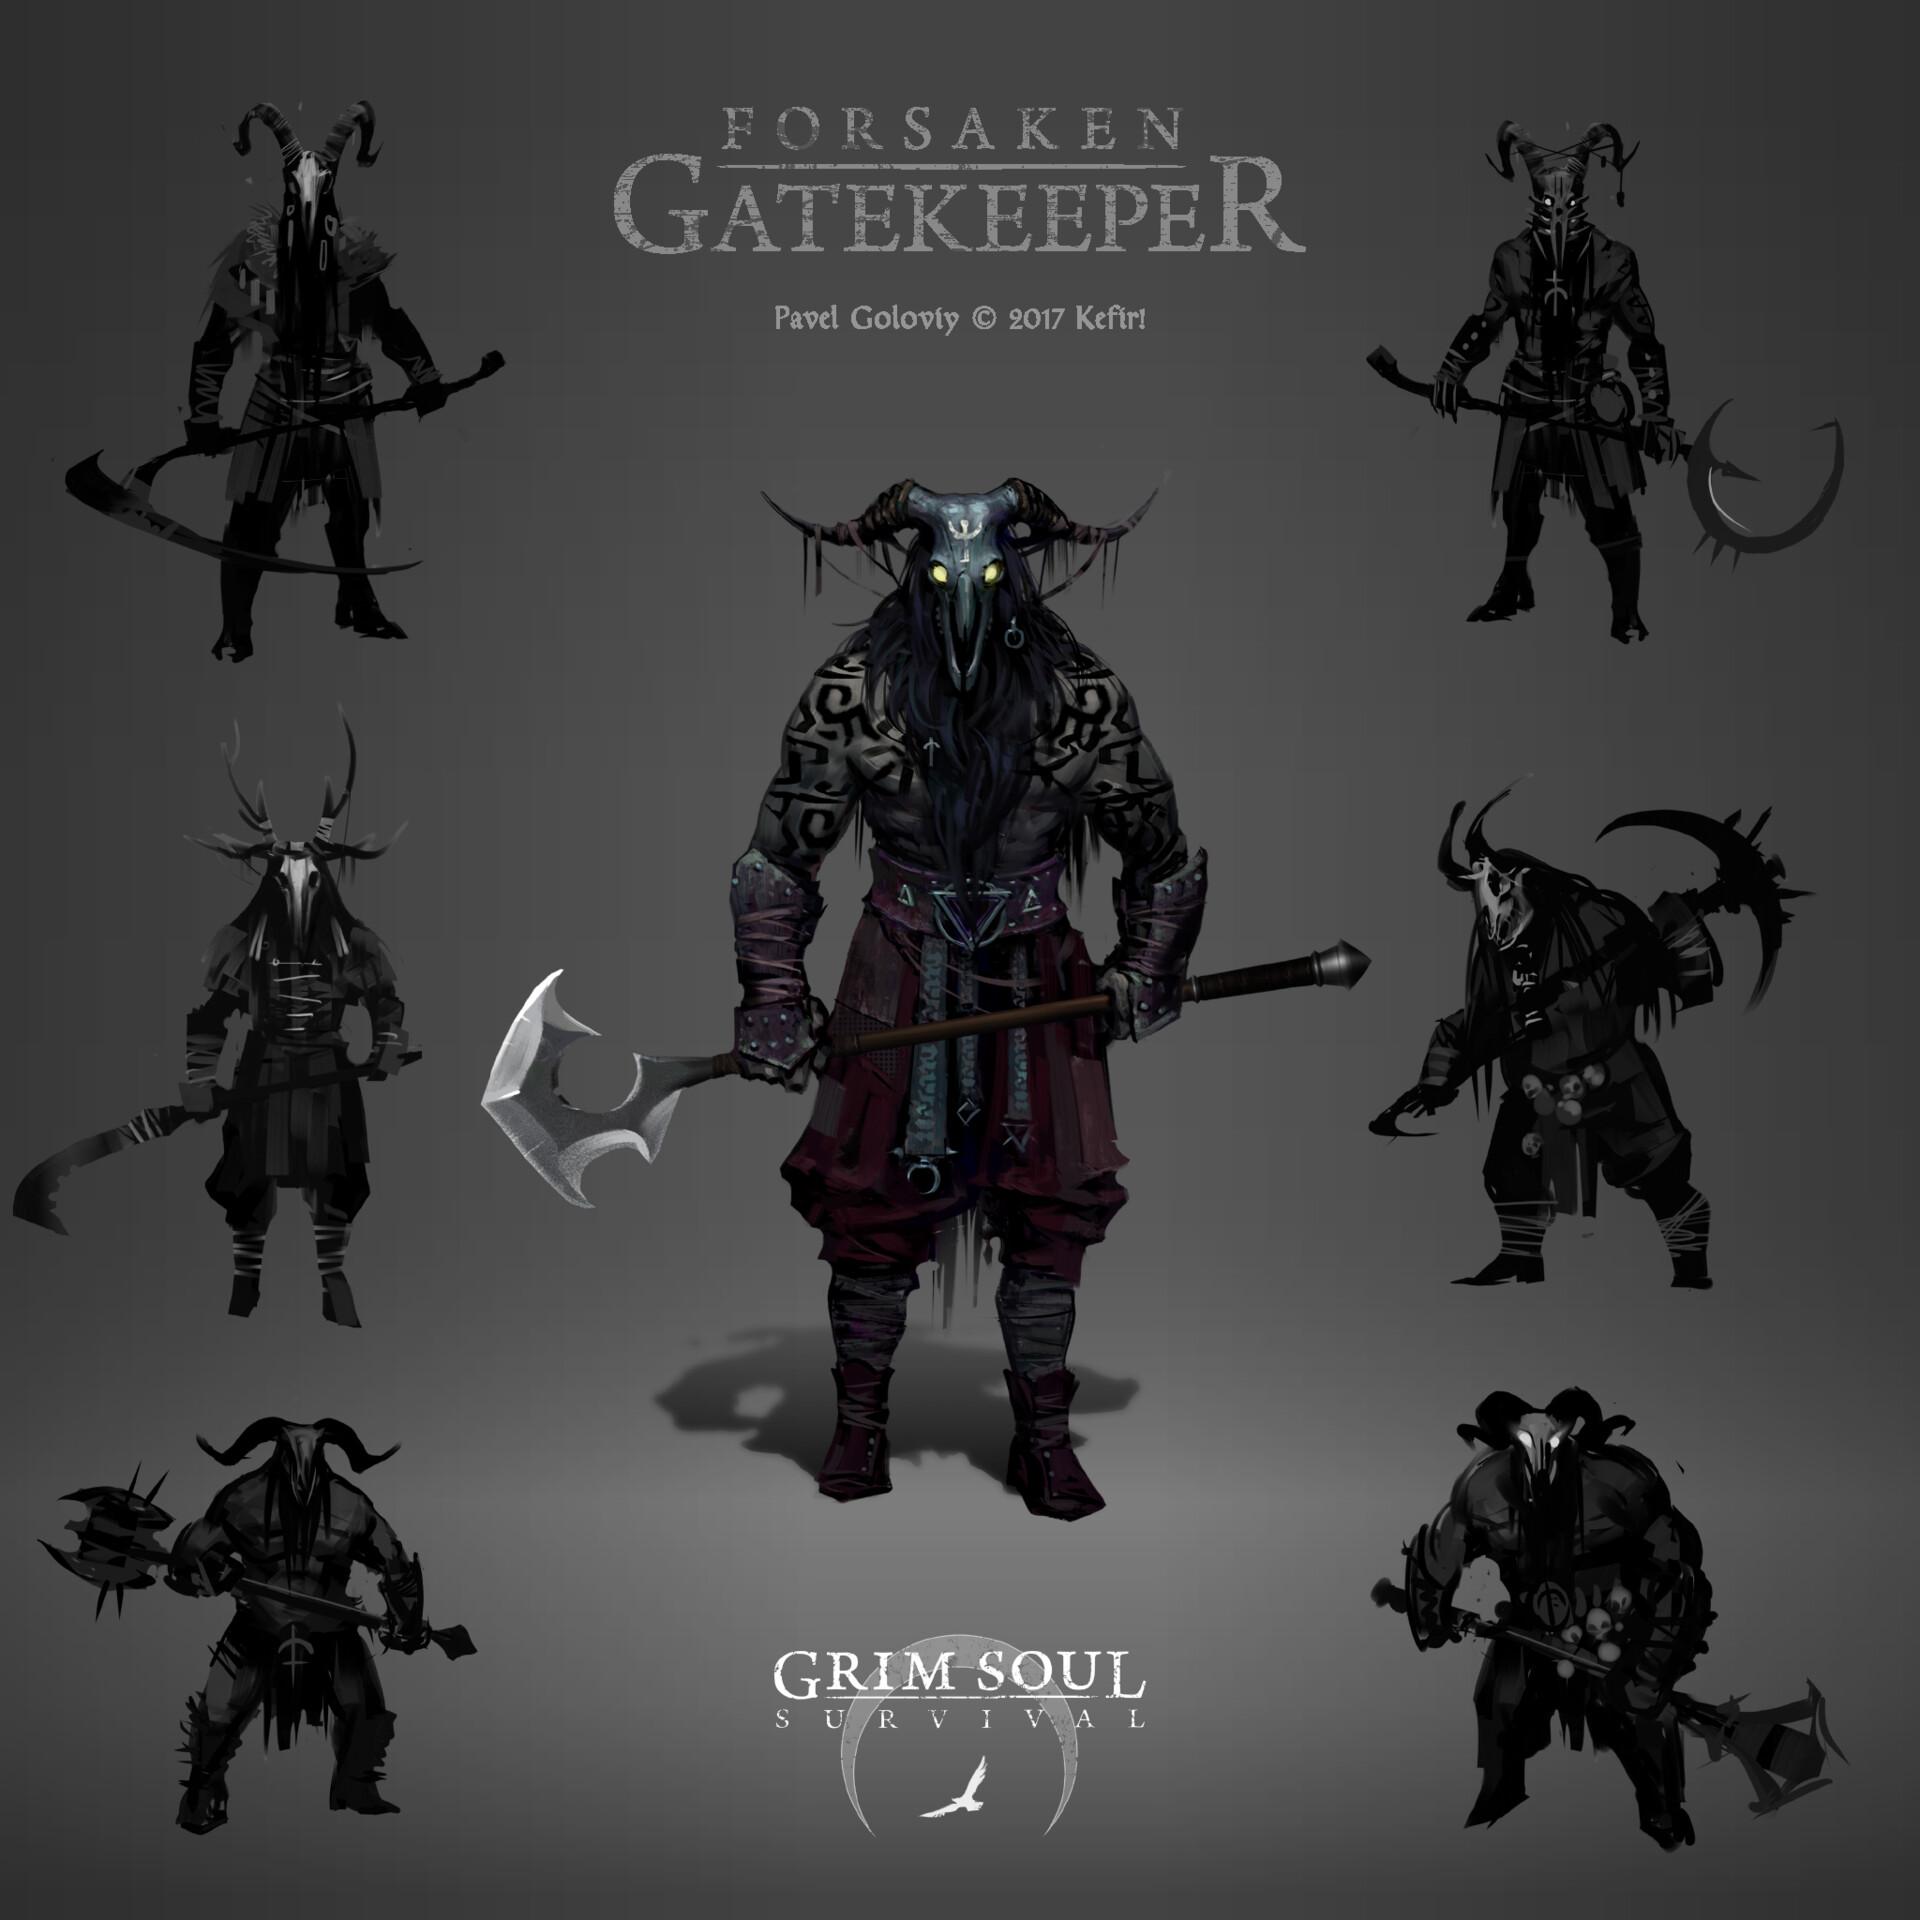 Forsaken Gatekeeper concept